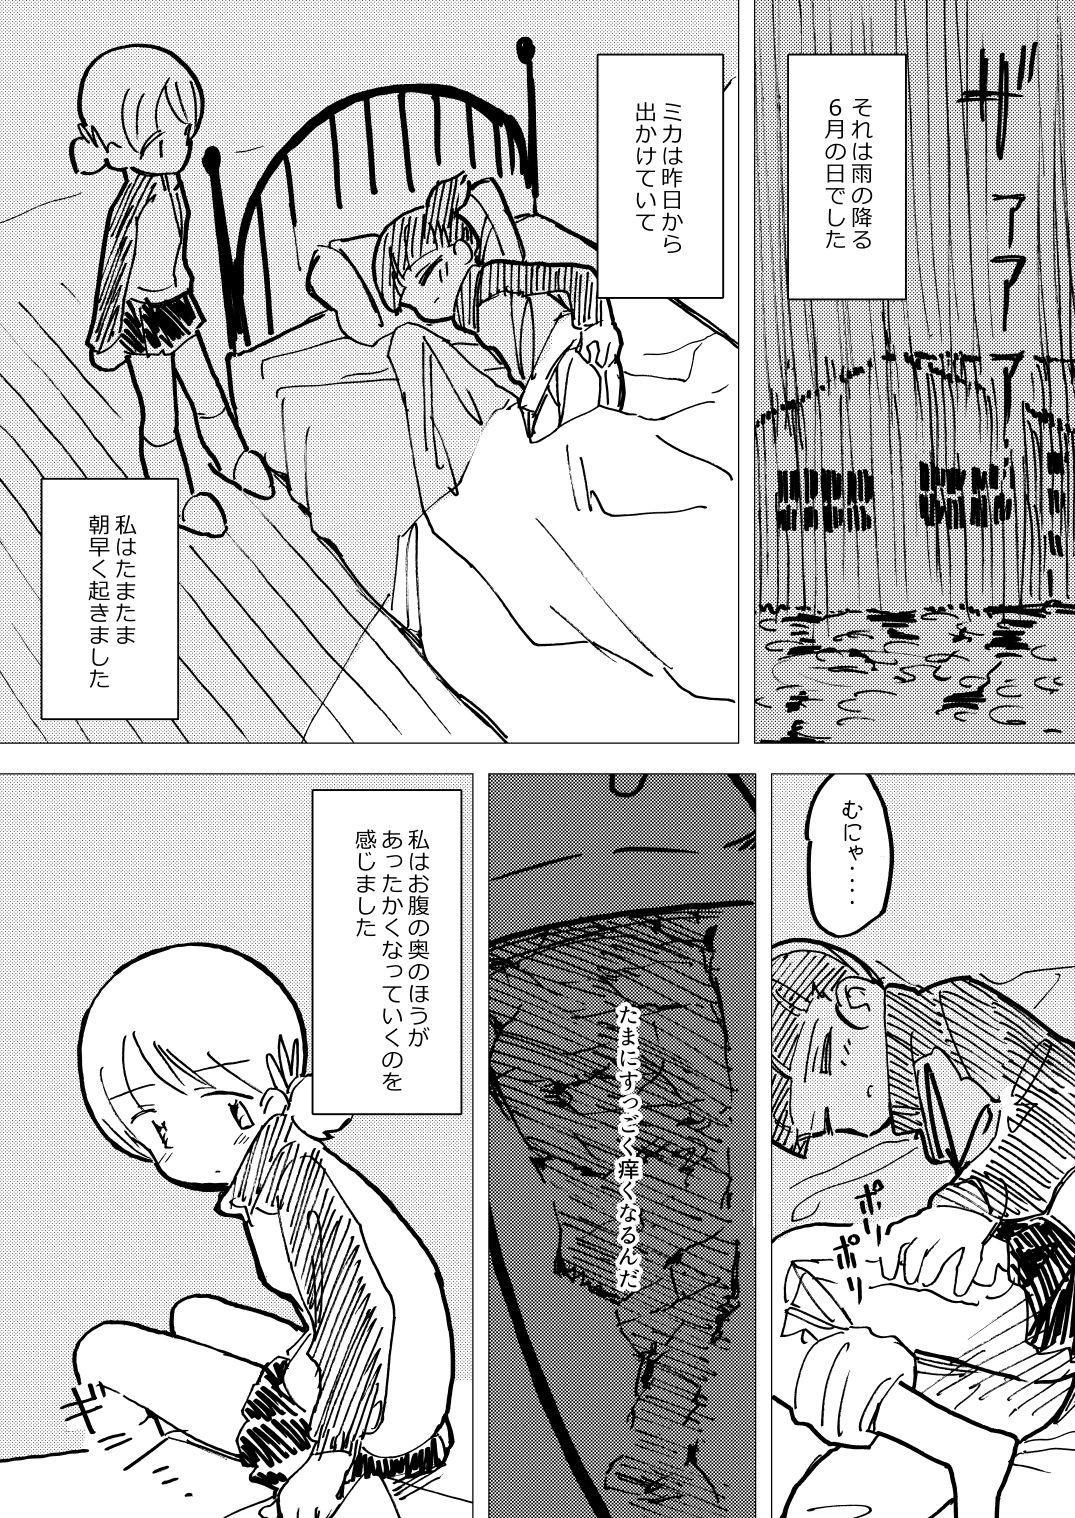 Nee Aki Kocchi Muite + 1 19